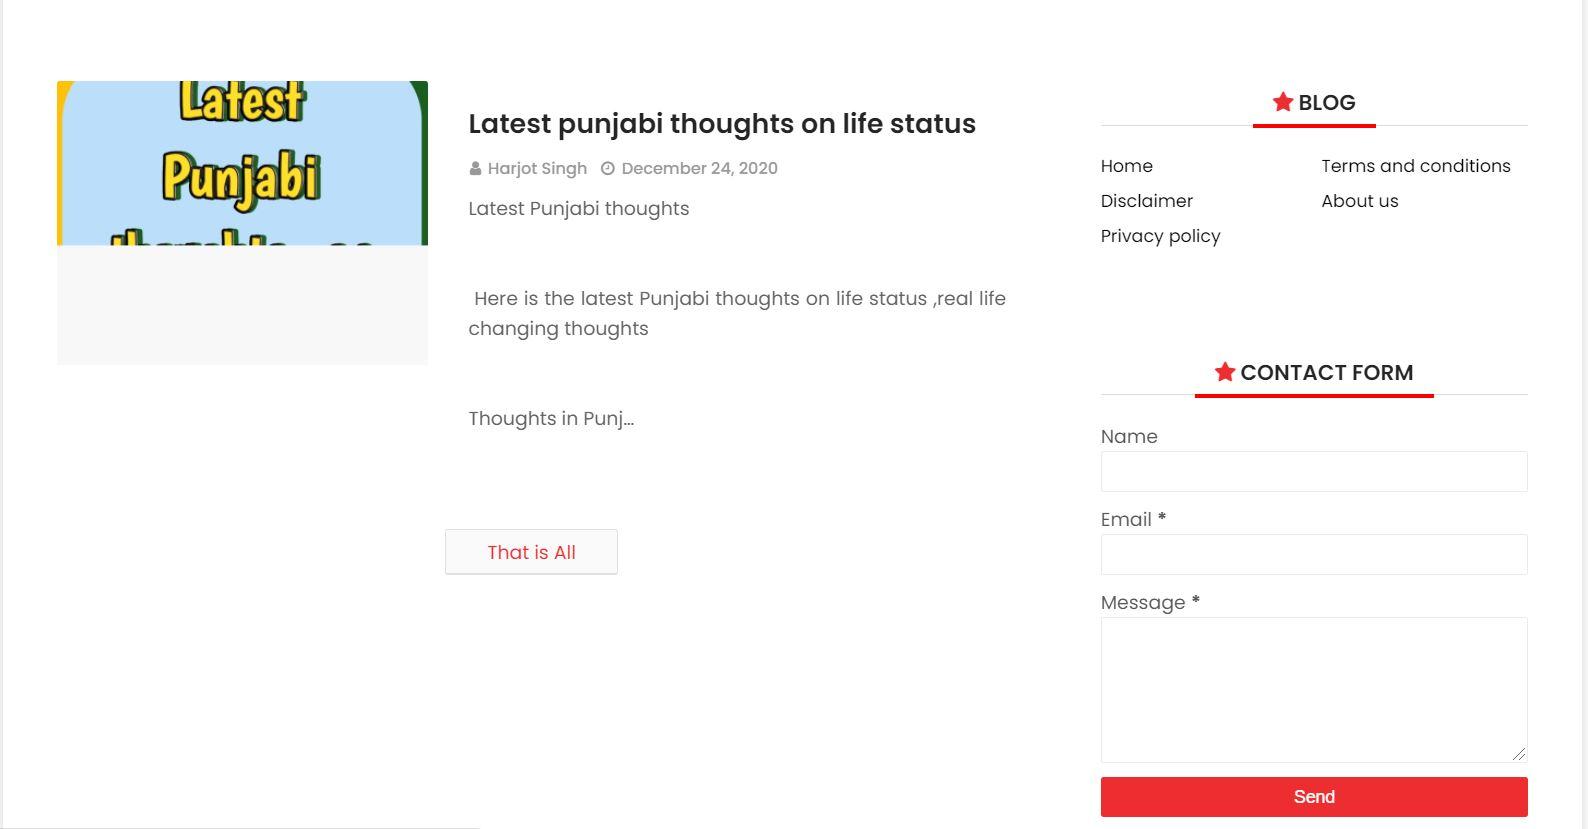 Latest Punjabi thoughts